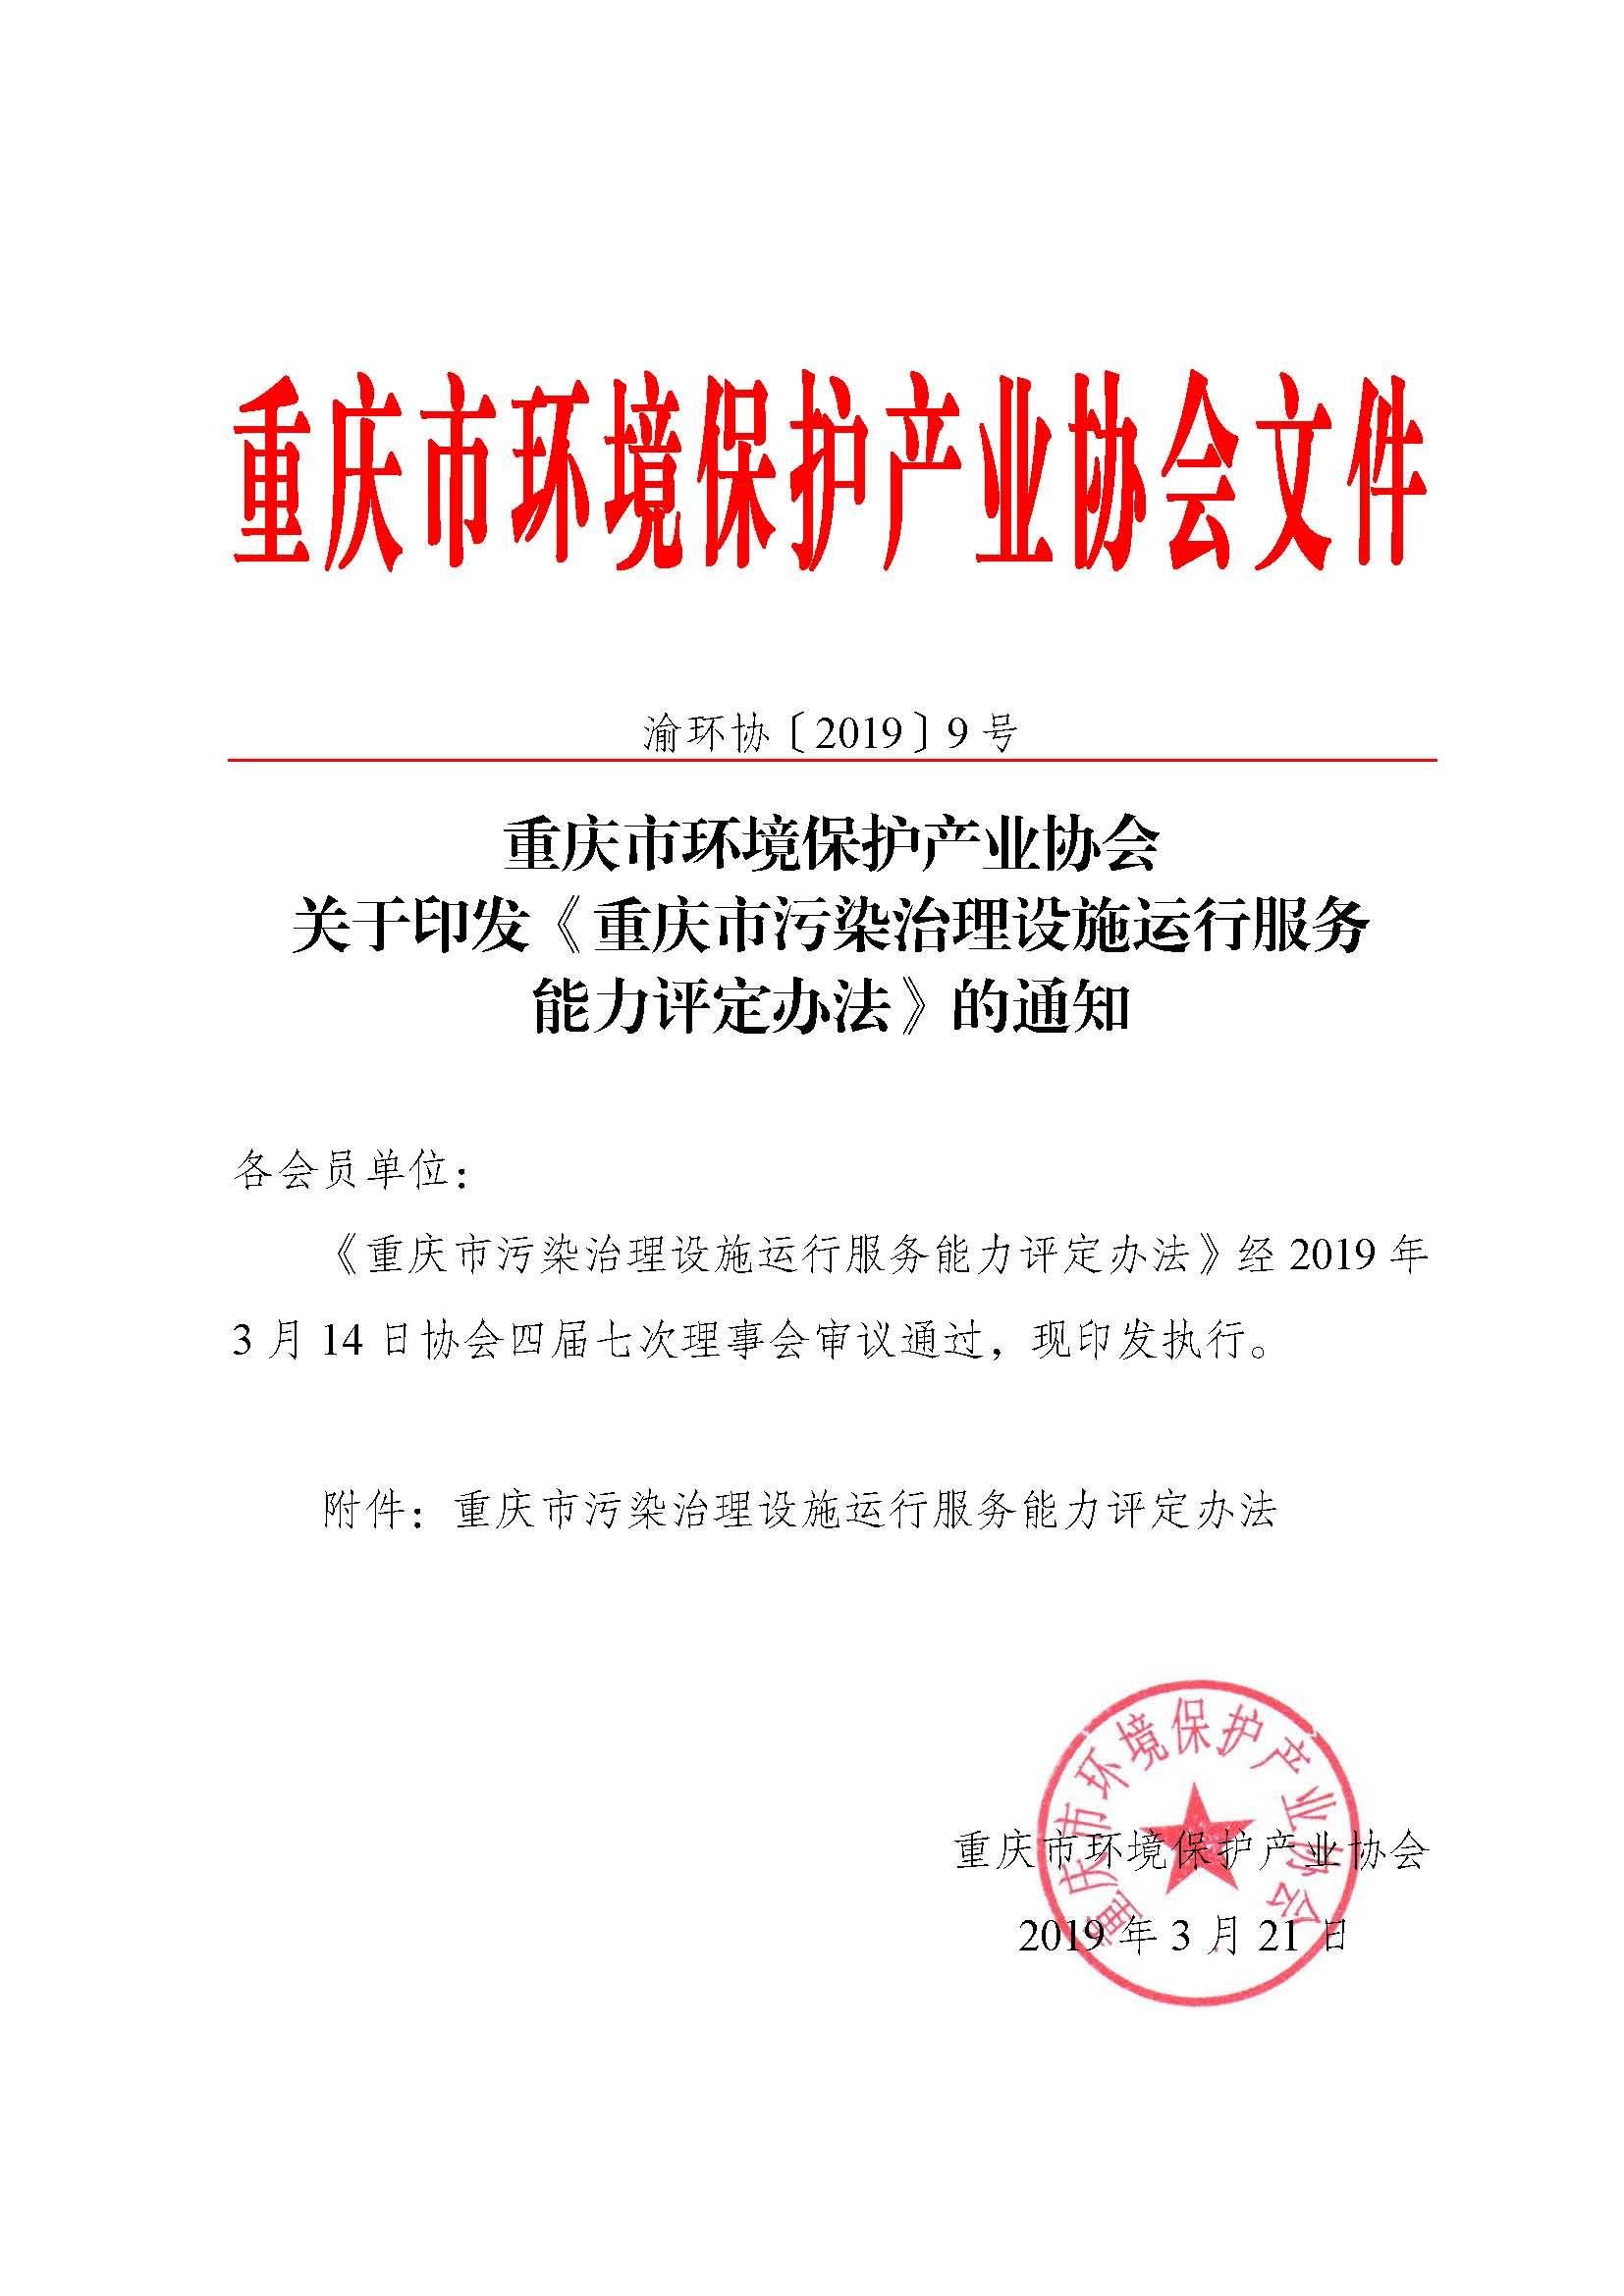 OG真人网站关于印发《重庆市污染治理设施运行服务能力评定办法》的通知-渝环协〔2019〕9号-上网